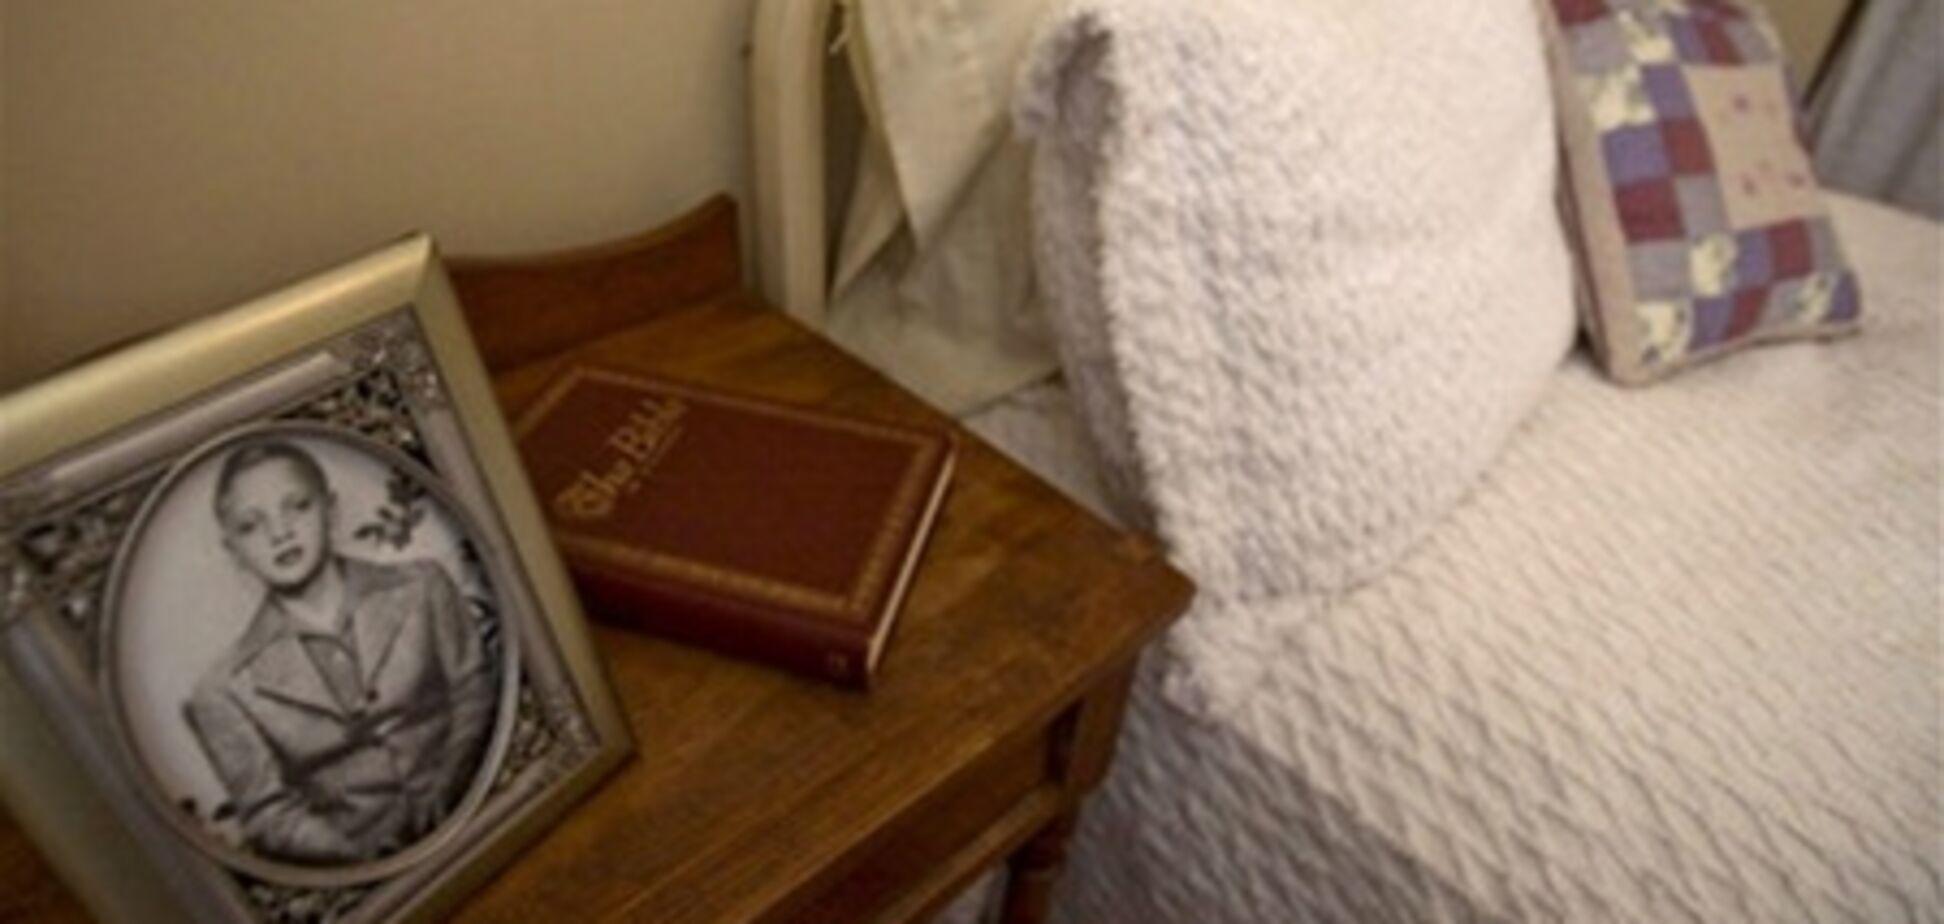 Біблія Елвіса Преслі пішла з молотка майже за $ 100 тис